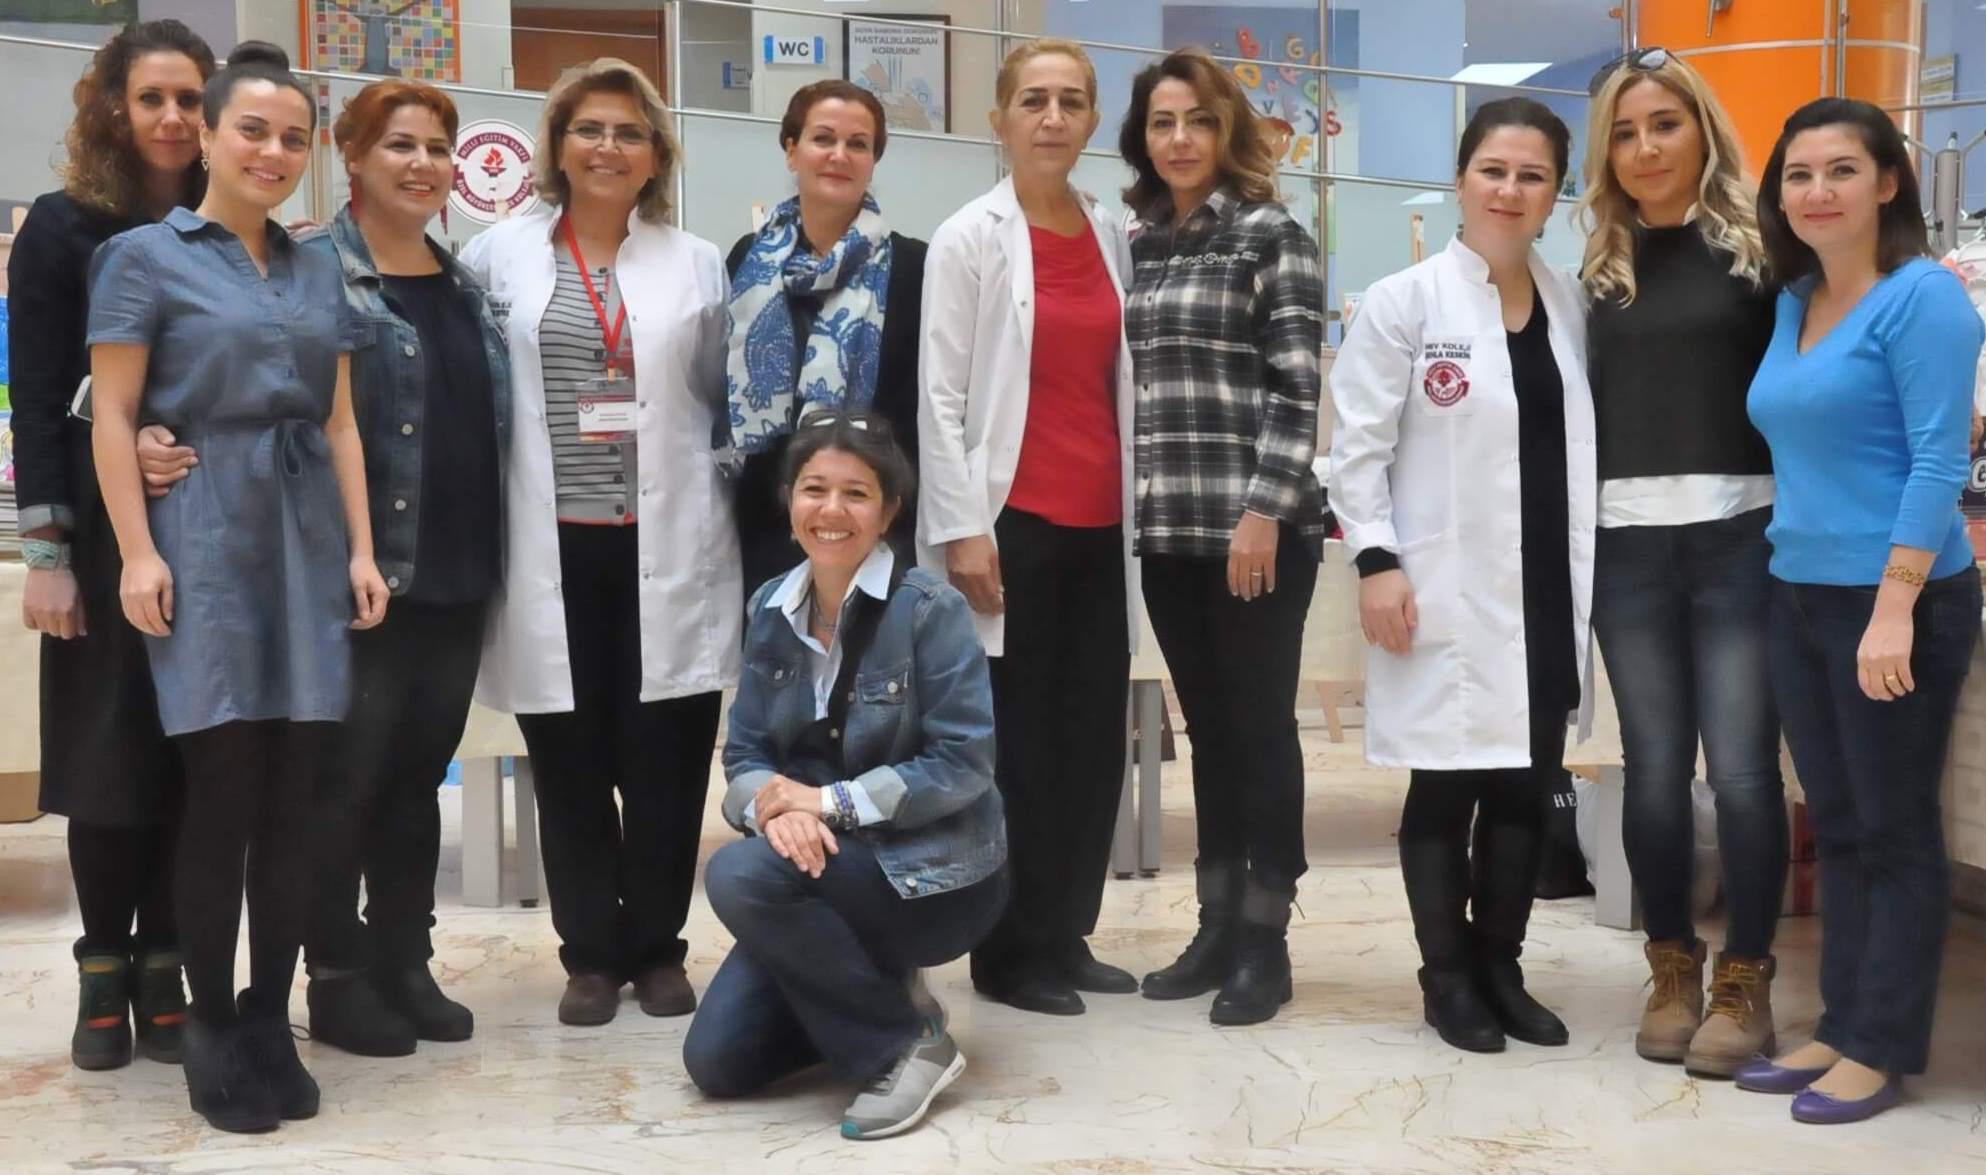 Kanserli Çocuklara Umut Vakfı'na Destek Olmak Amacıyla Okulumuzda Kermes Düzenlendi